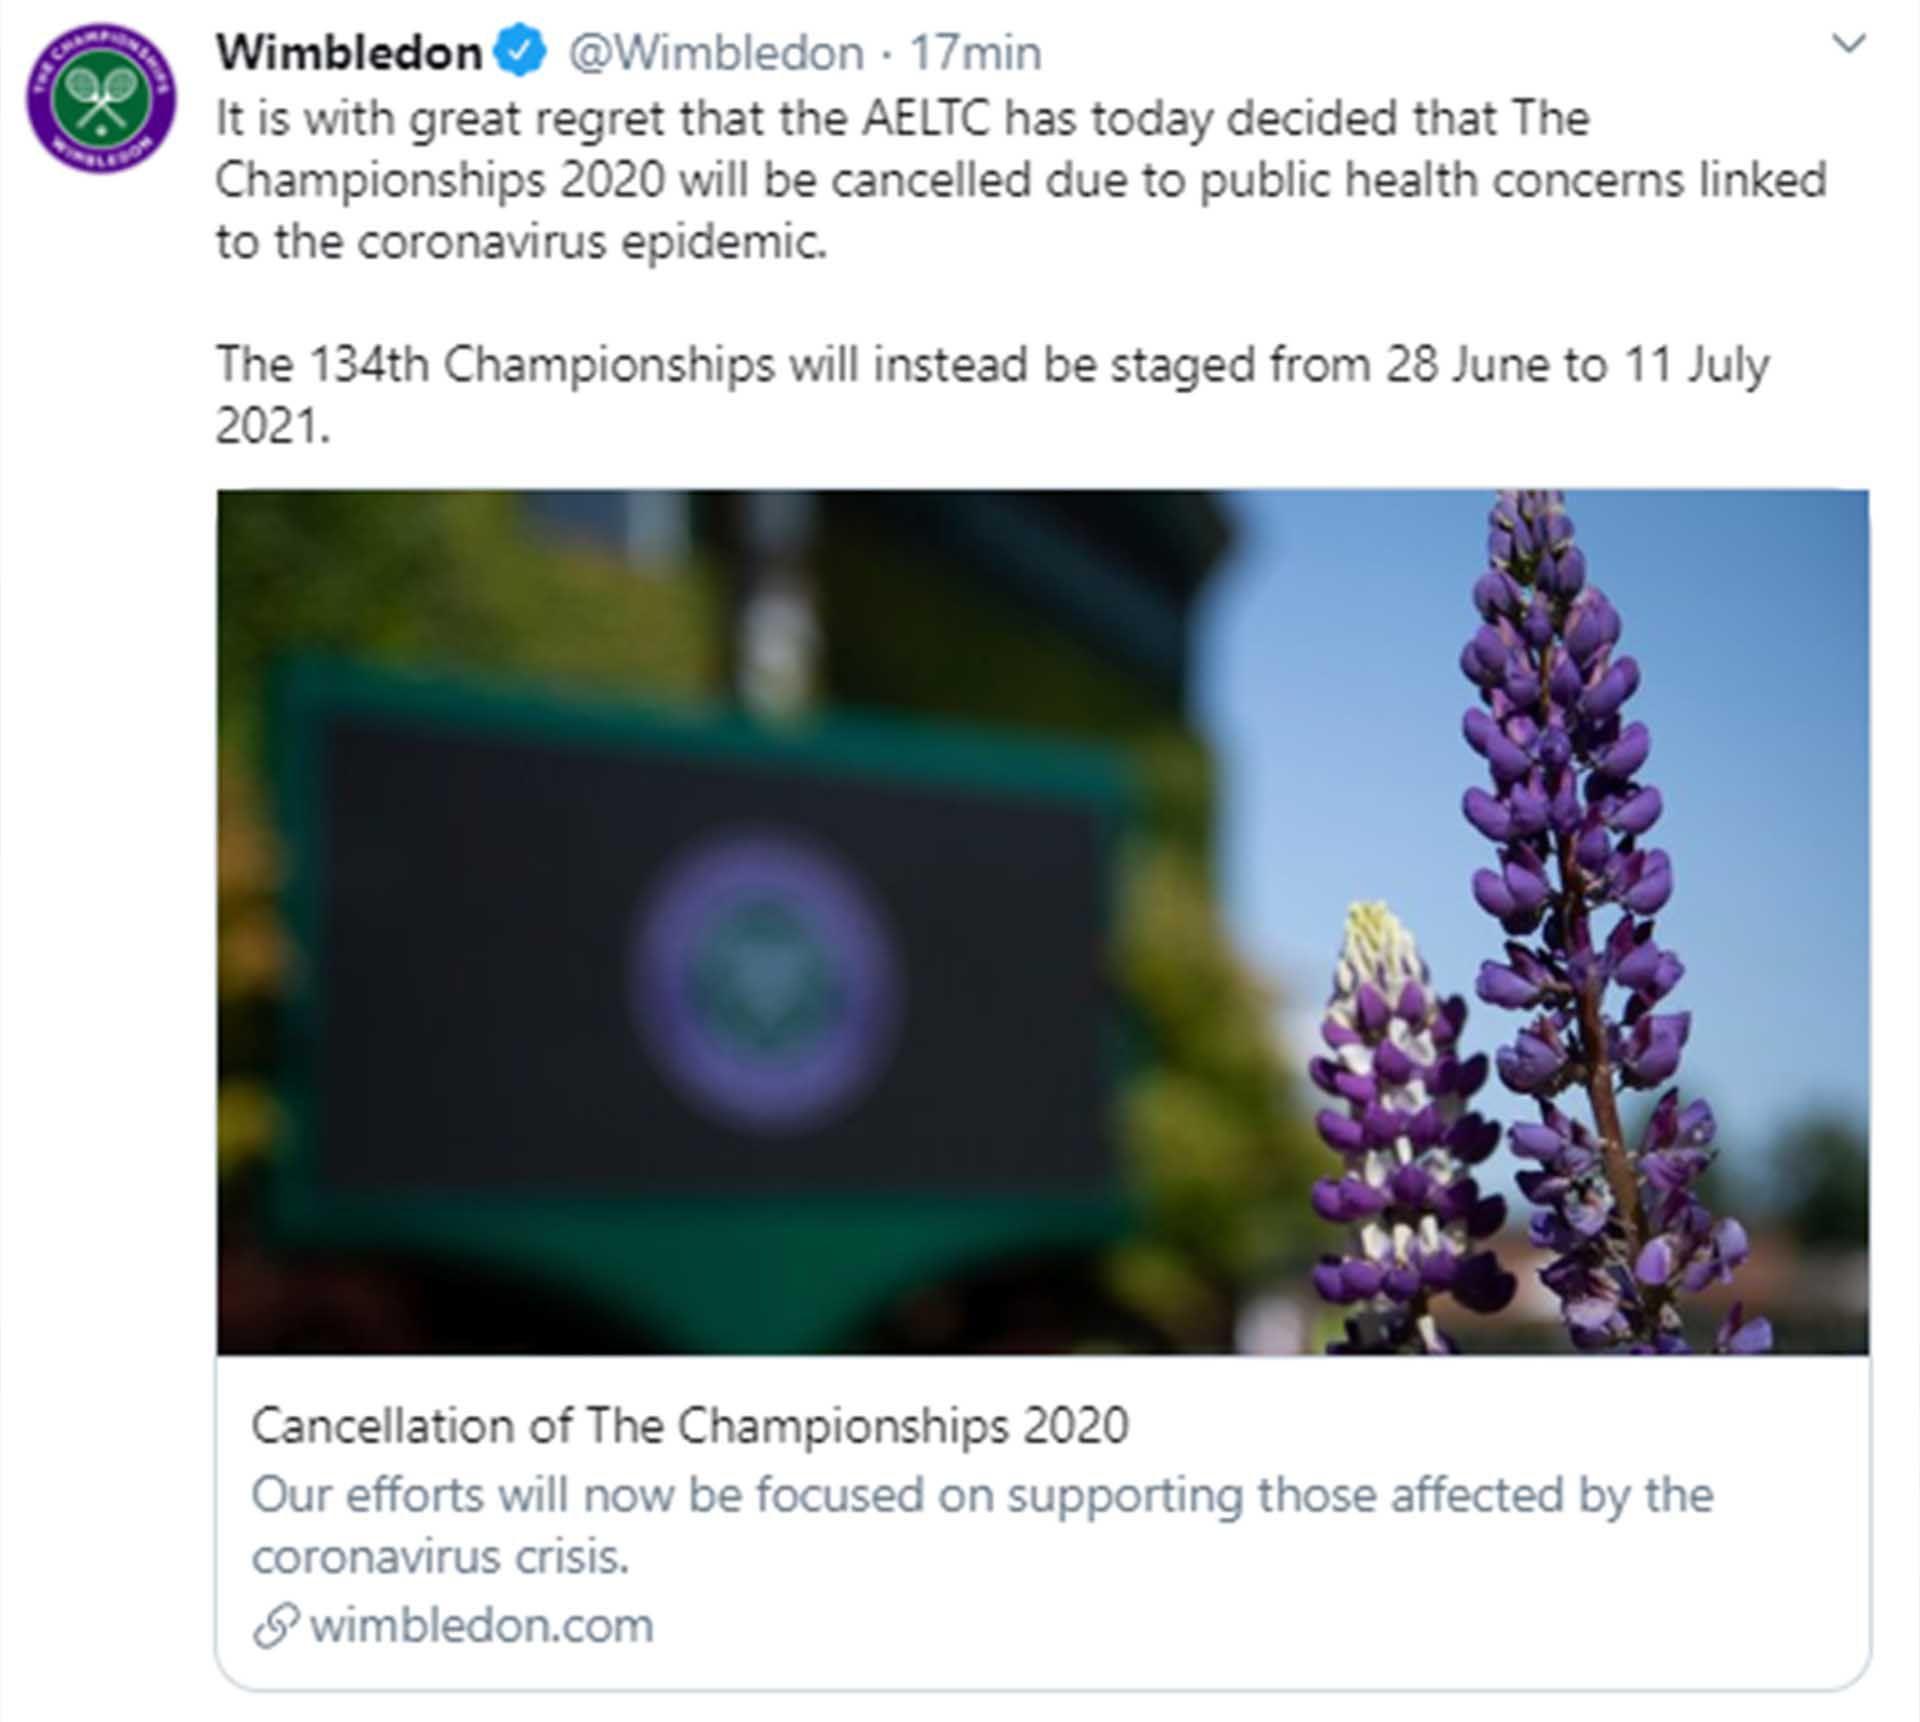 El anuncio de la cancelación de Wimbledon 2020